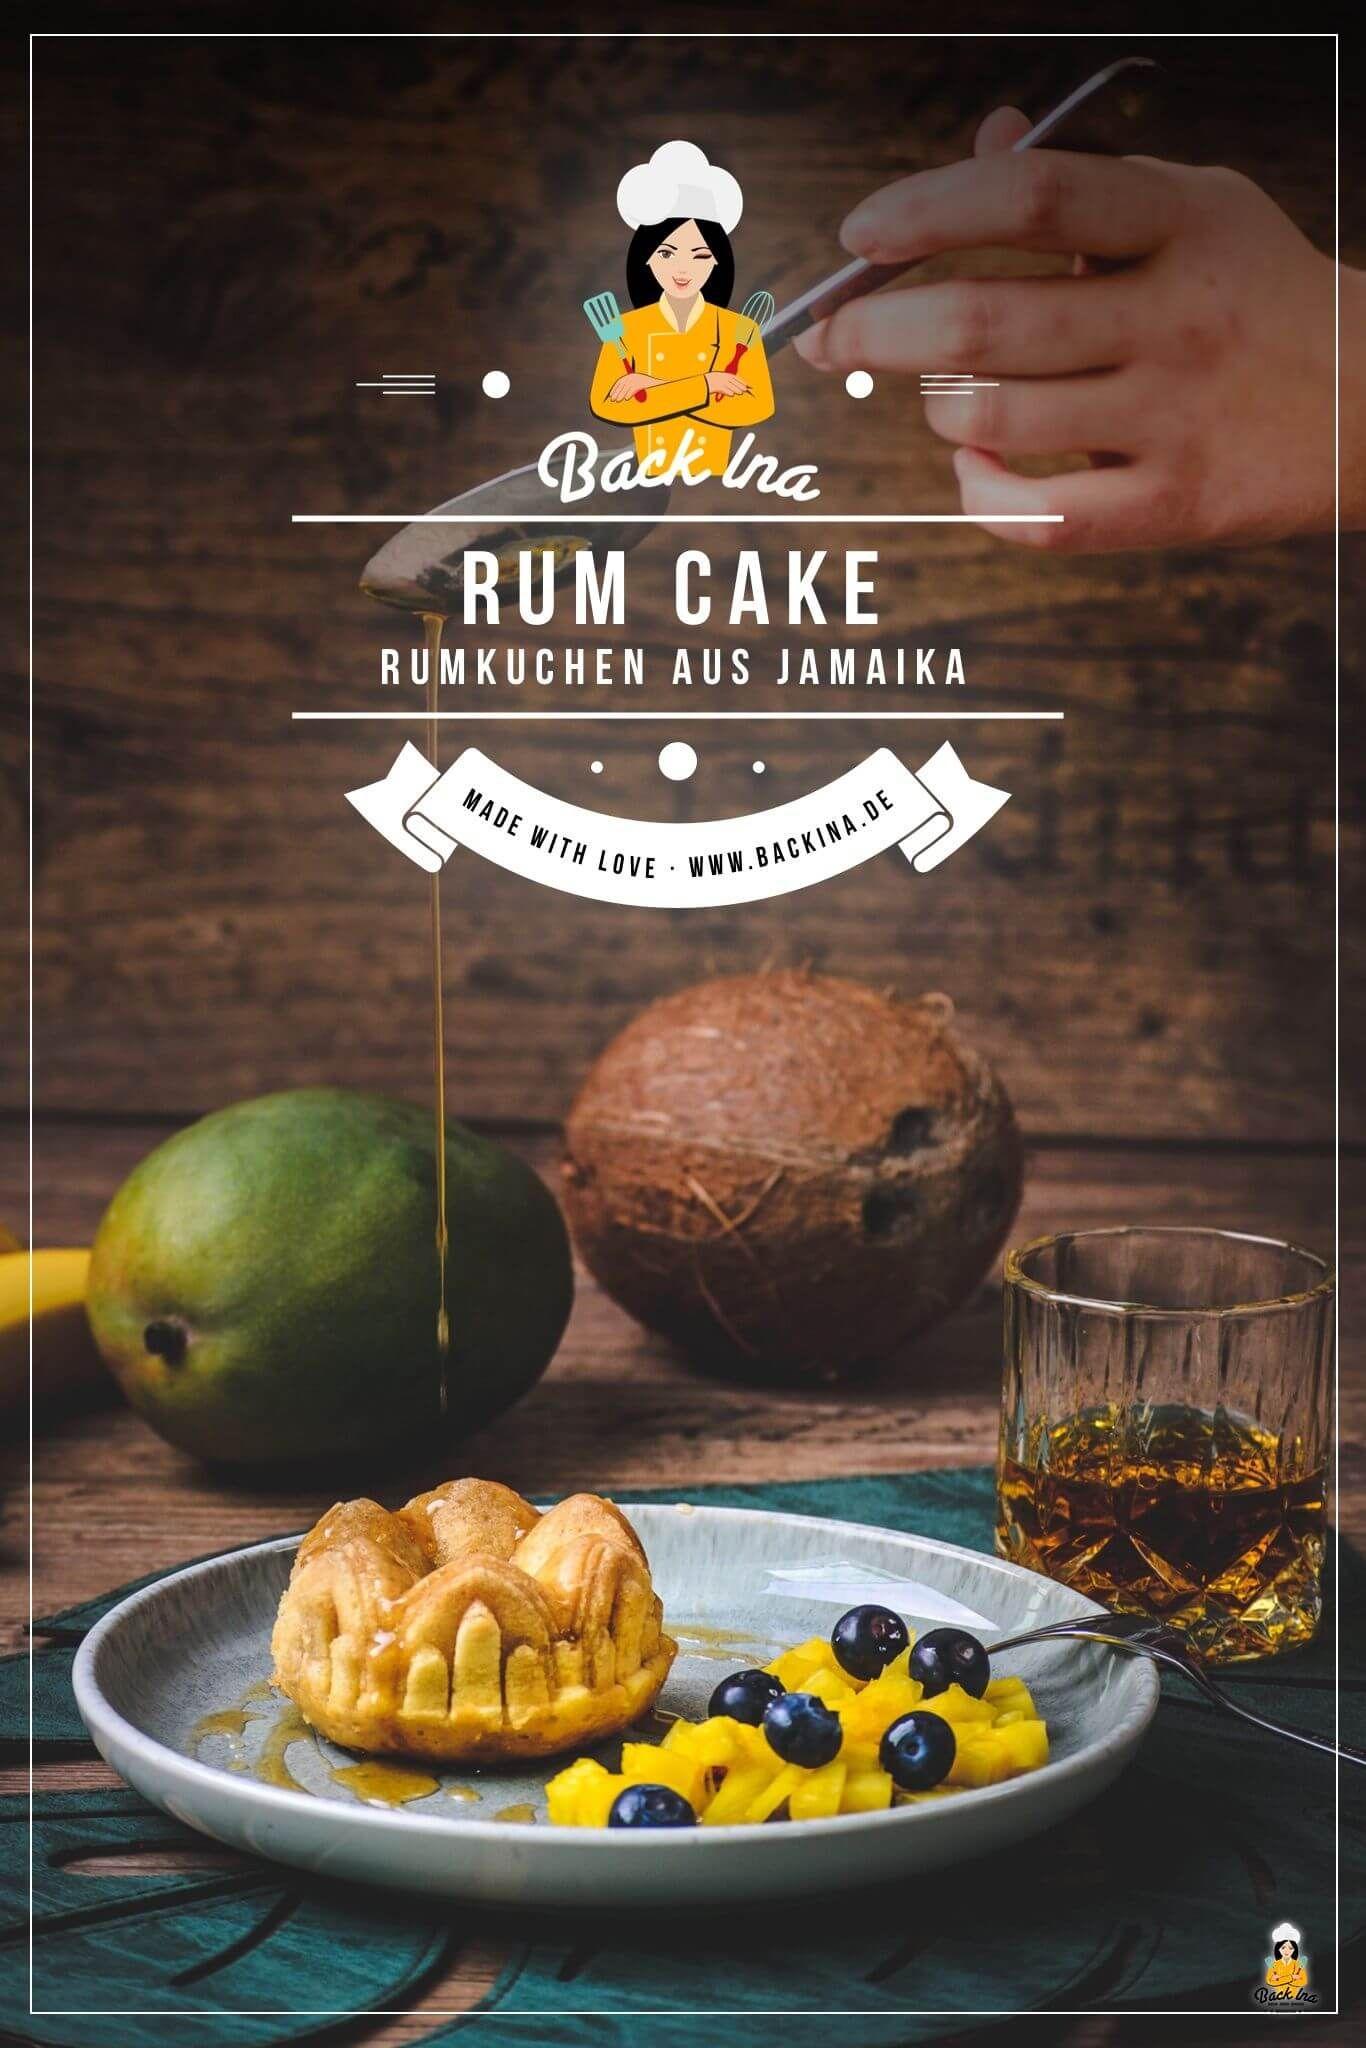 Sundiger Rum Cake Karibischer Rumkuchen Backina Rezept Rumkuchen Karibisches Essen Rezepte